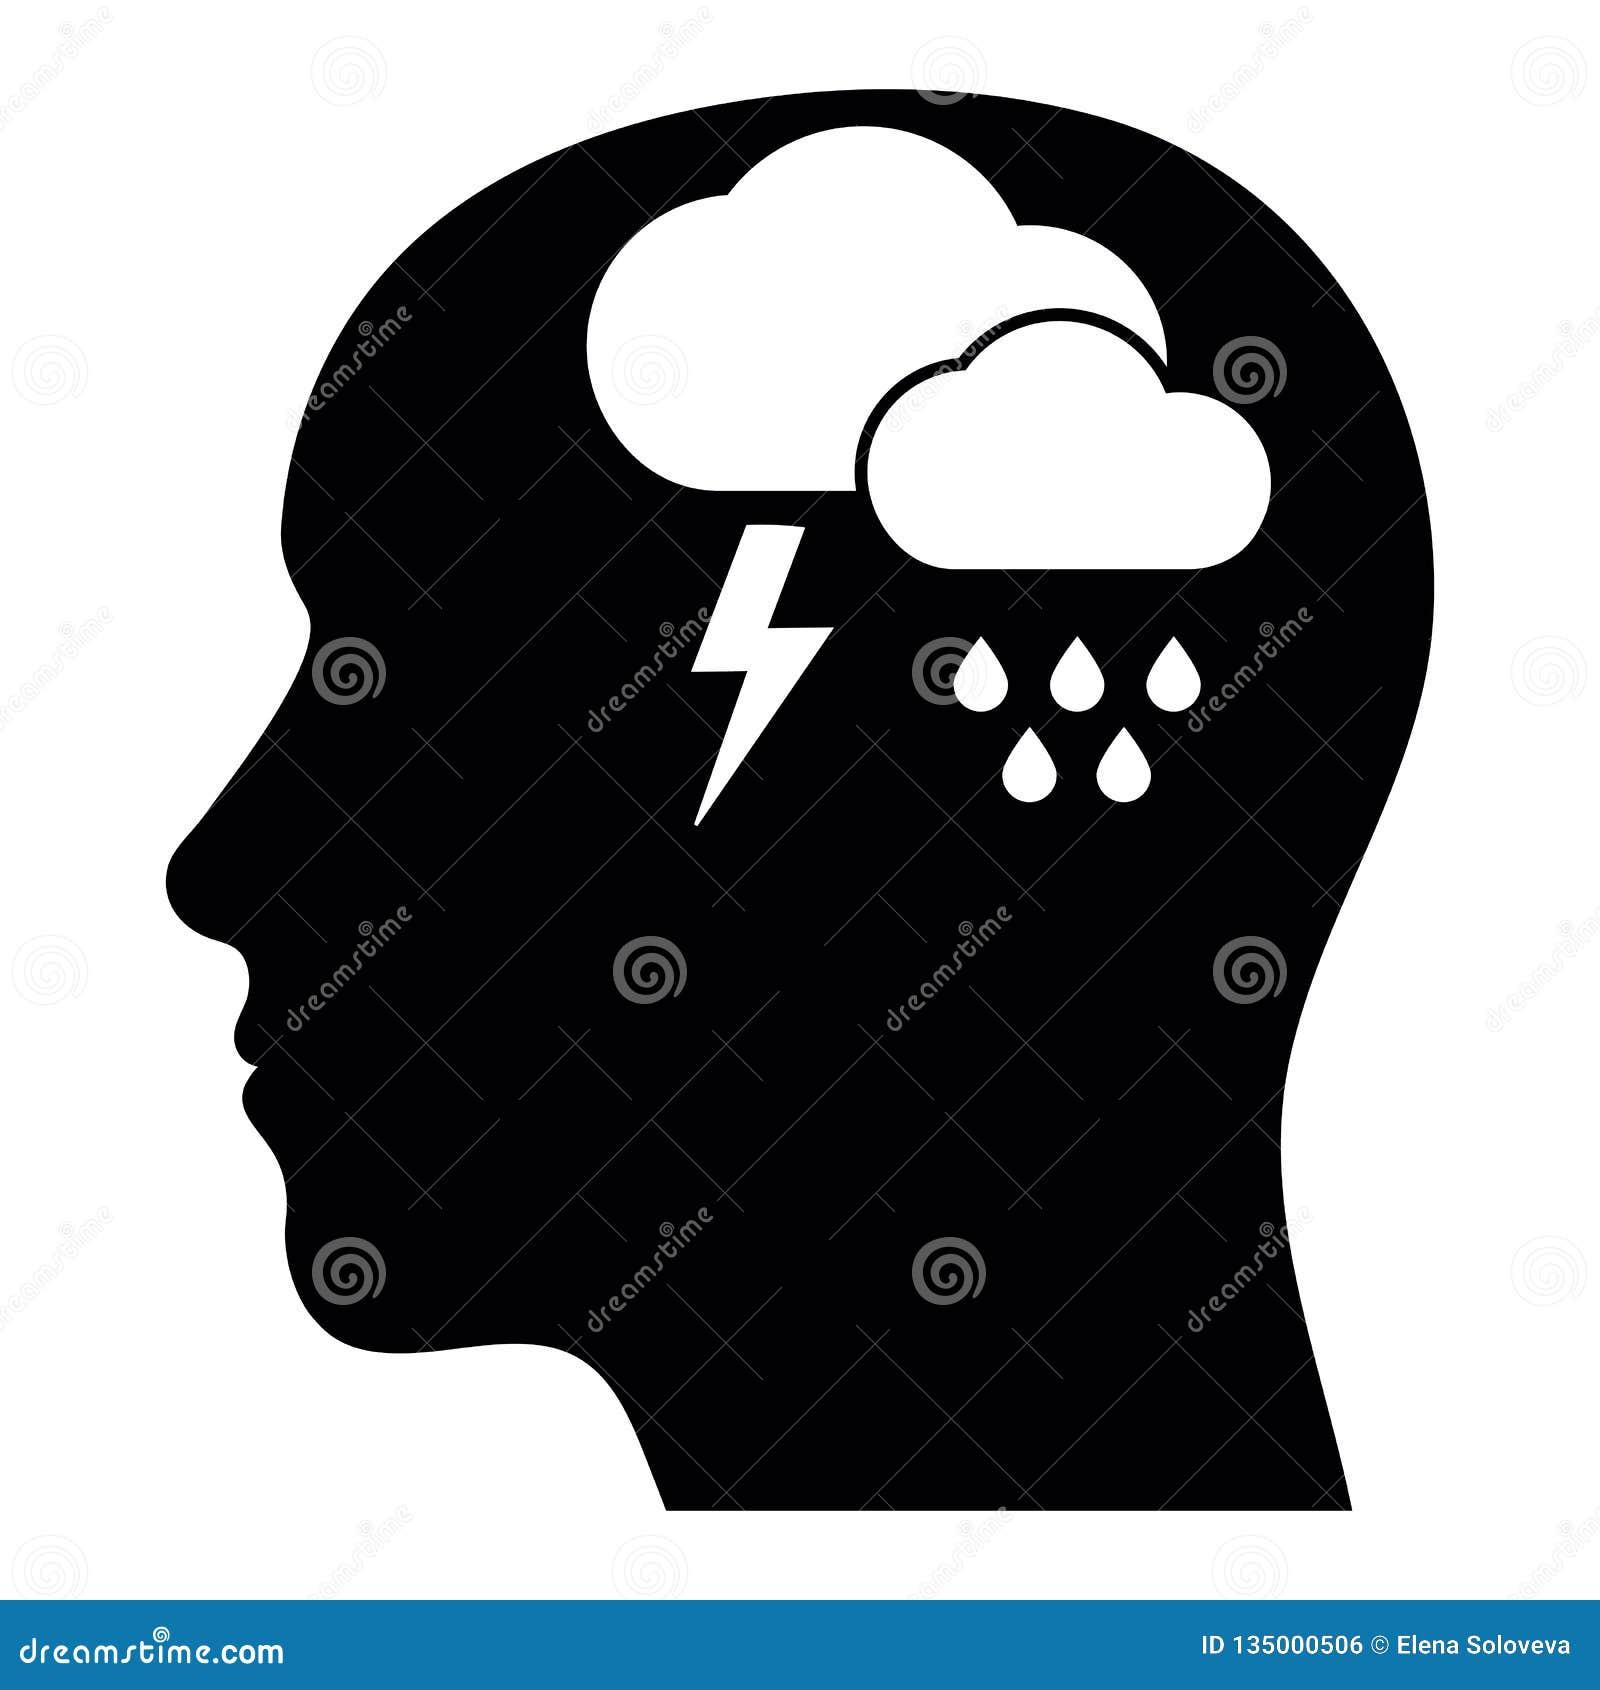 Geestelijke gezondheidssignalering van depressie, verslavings of eenzaamheidsconcept Emotionele wanhoop, druk en zwaar, symbool v